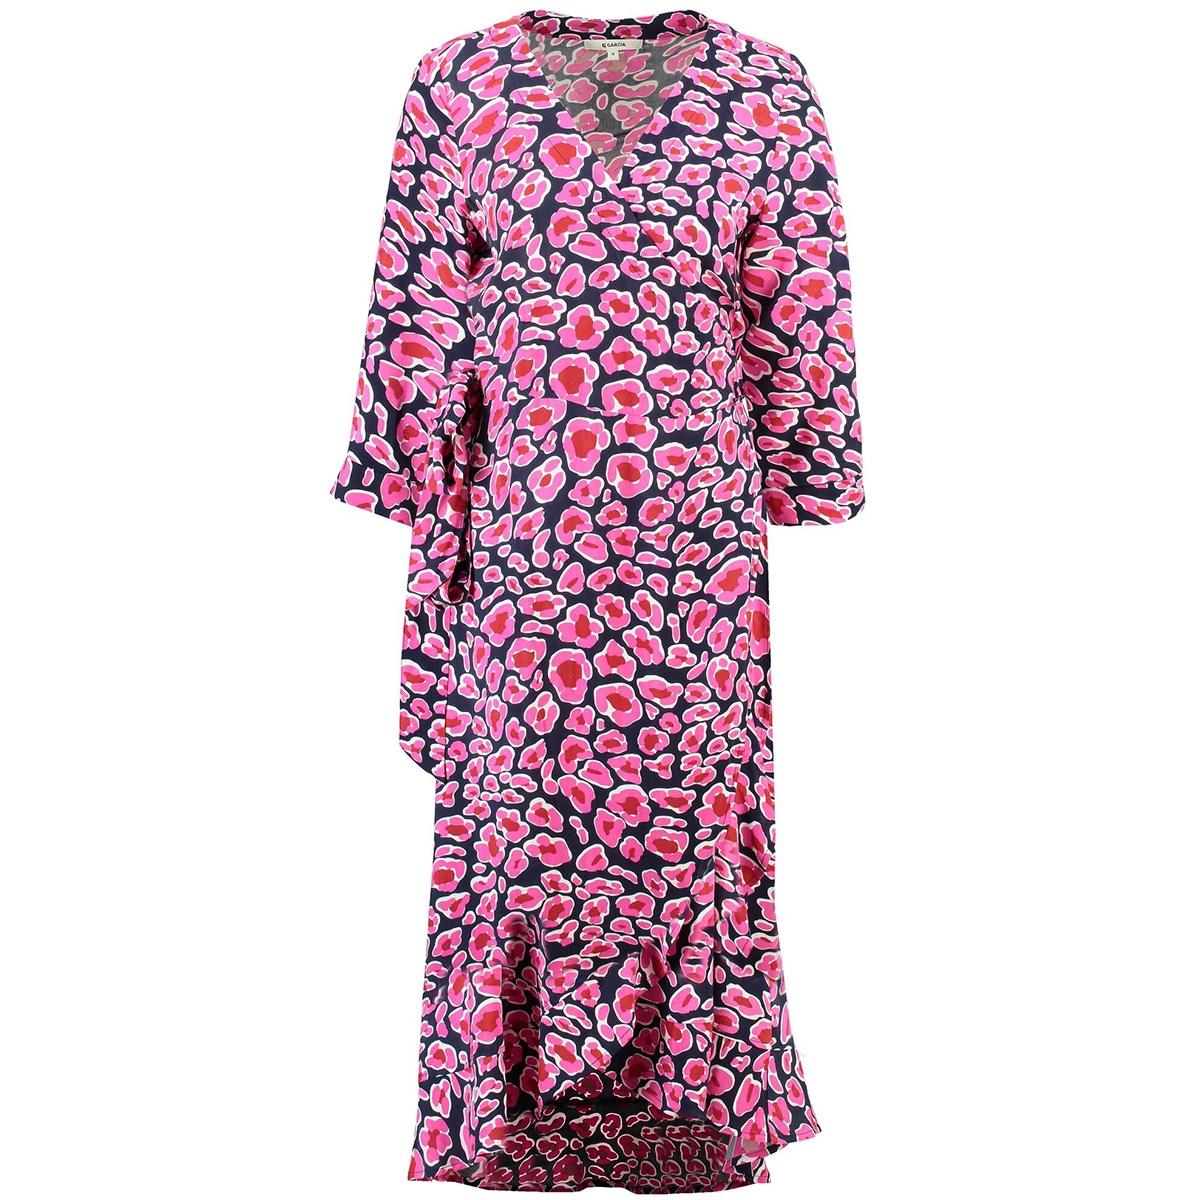 roze panterprint jurk ge900104 garcia jurk 292 dark moon